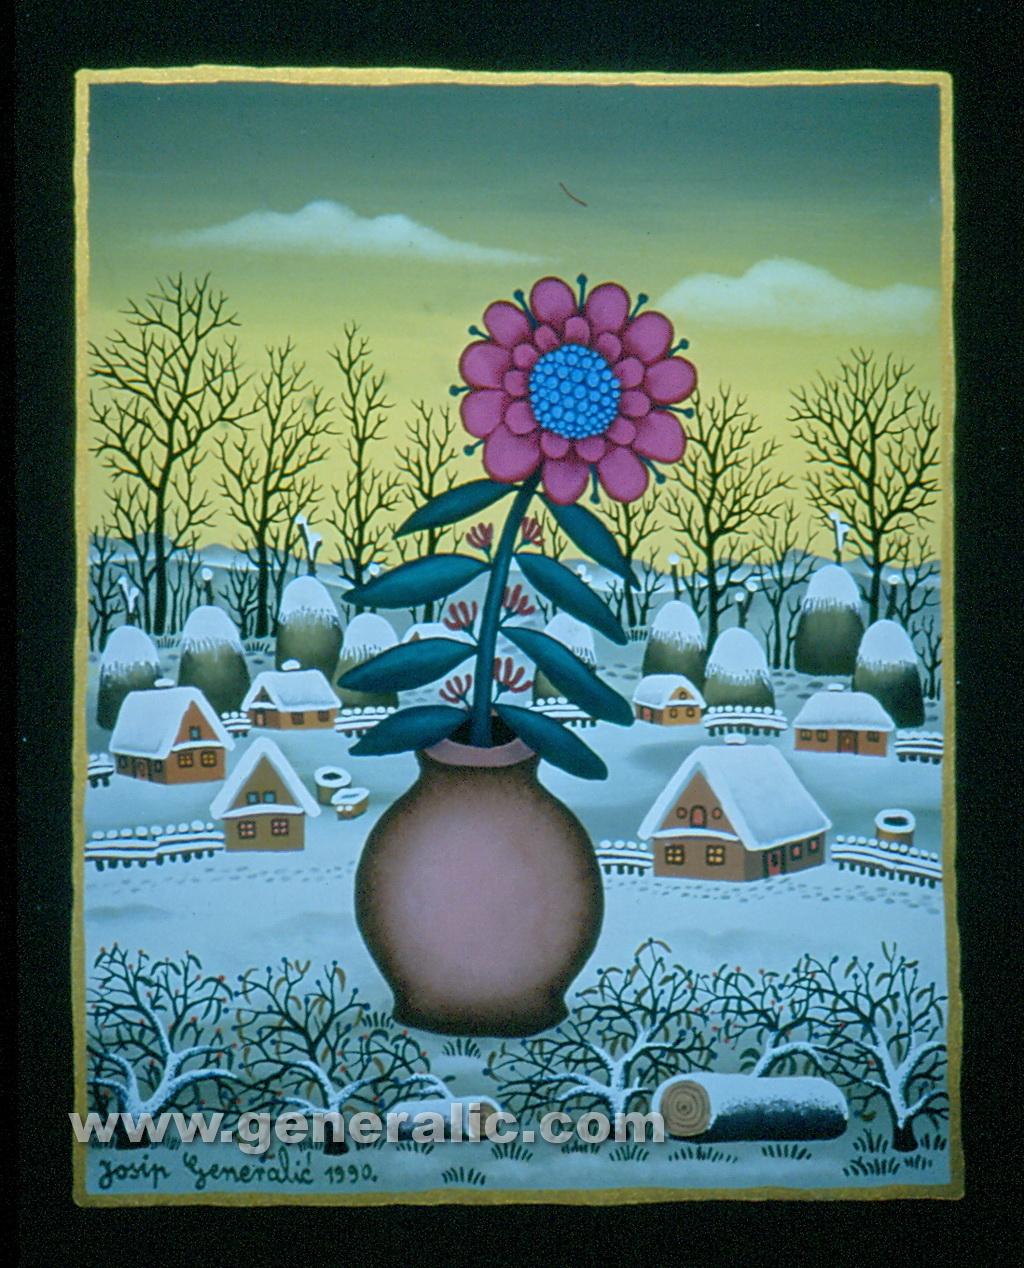 Josip Generalic, 1990, Pink flower, oil on glass